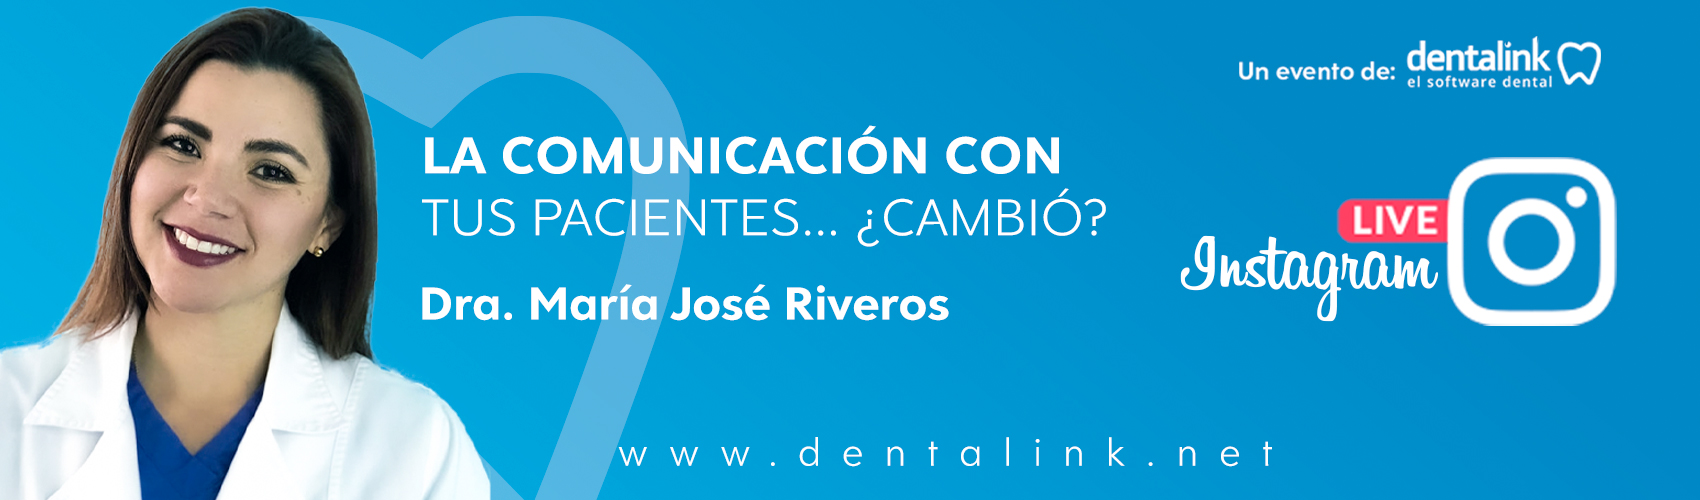 IG LIVE Dentalink: ¿La comunicación con los pacientes cambió?